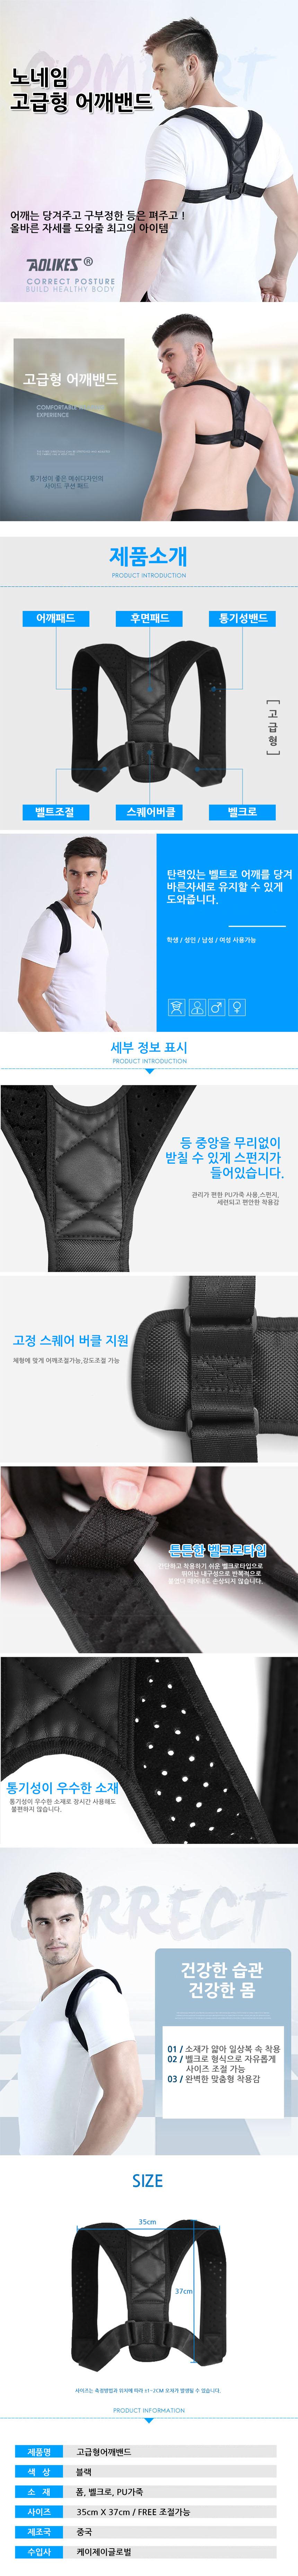 노네임 고급형 어깨밴드 - 엑스팟, 11,000원, 안마/교정, 교정기구